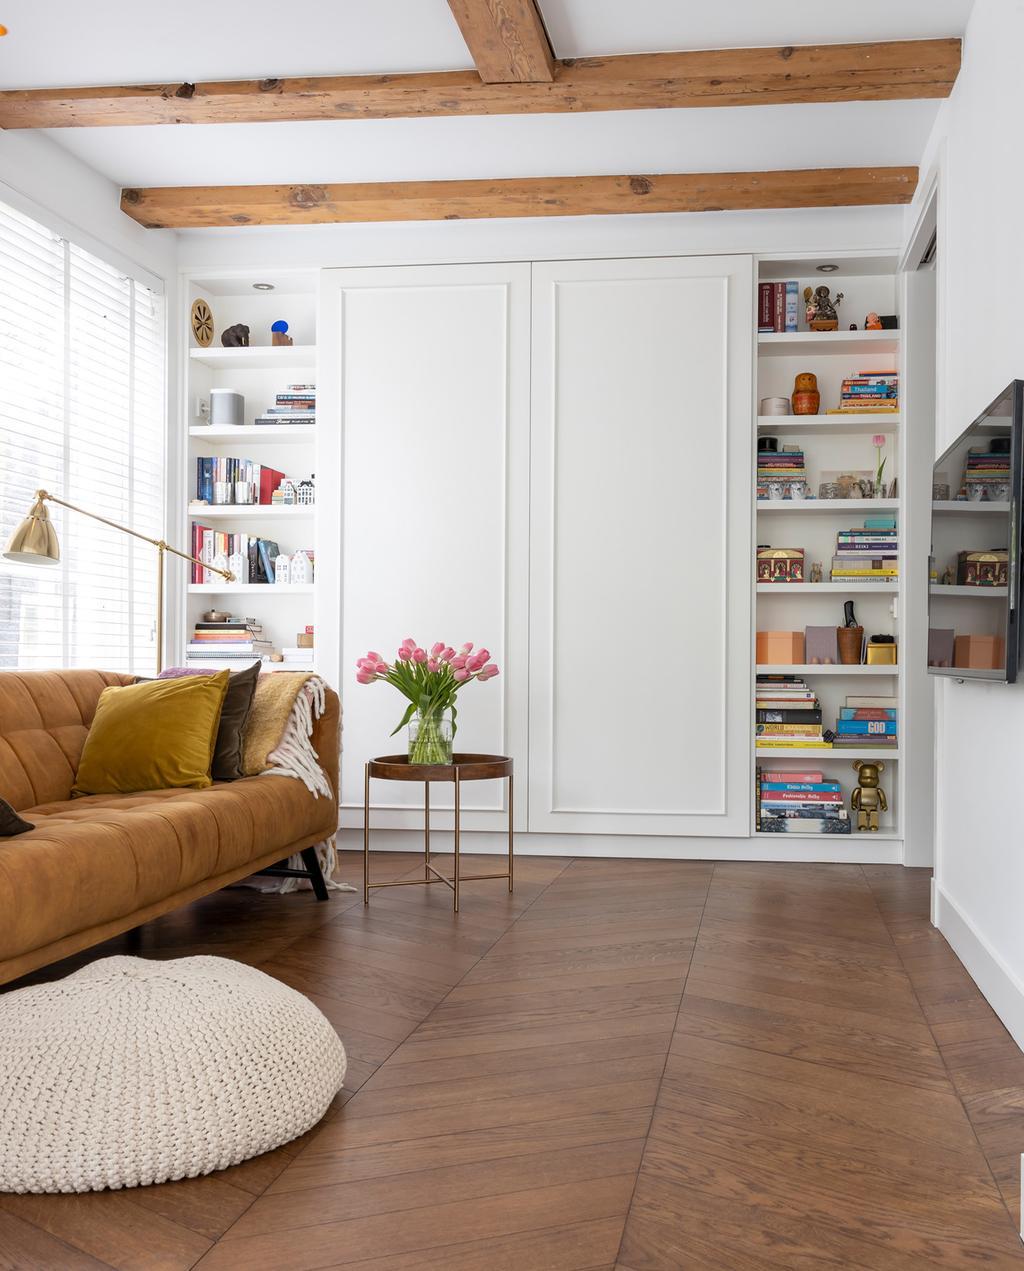 donkere vloer | vtwonen special tiny houses | kast in de woonkamer van het appartement in amsterdam